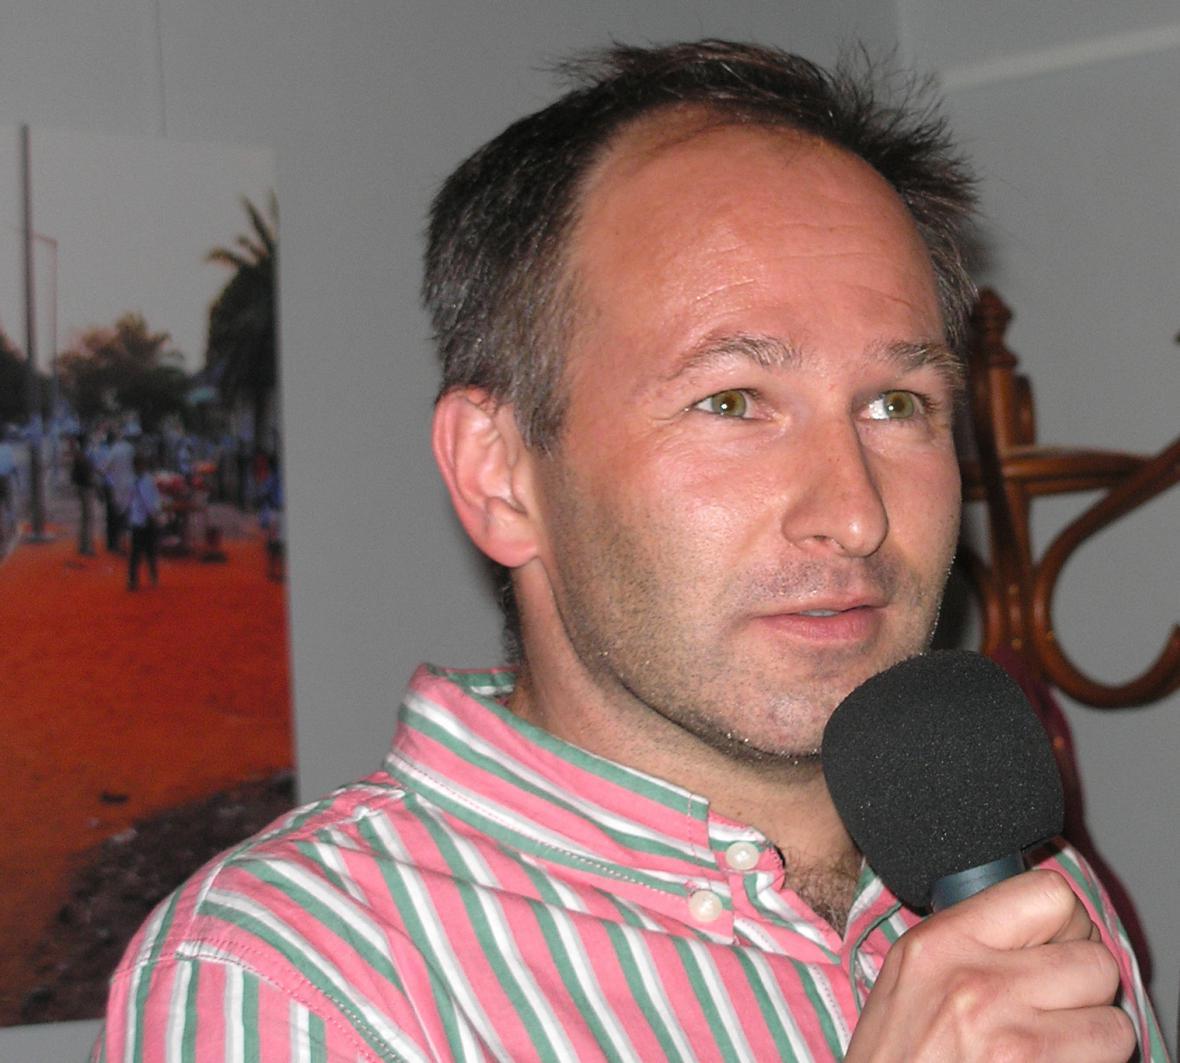 Marek Wollner